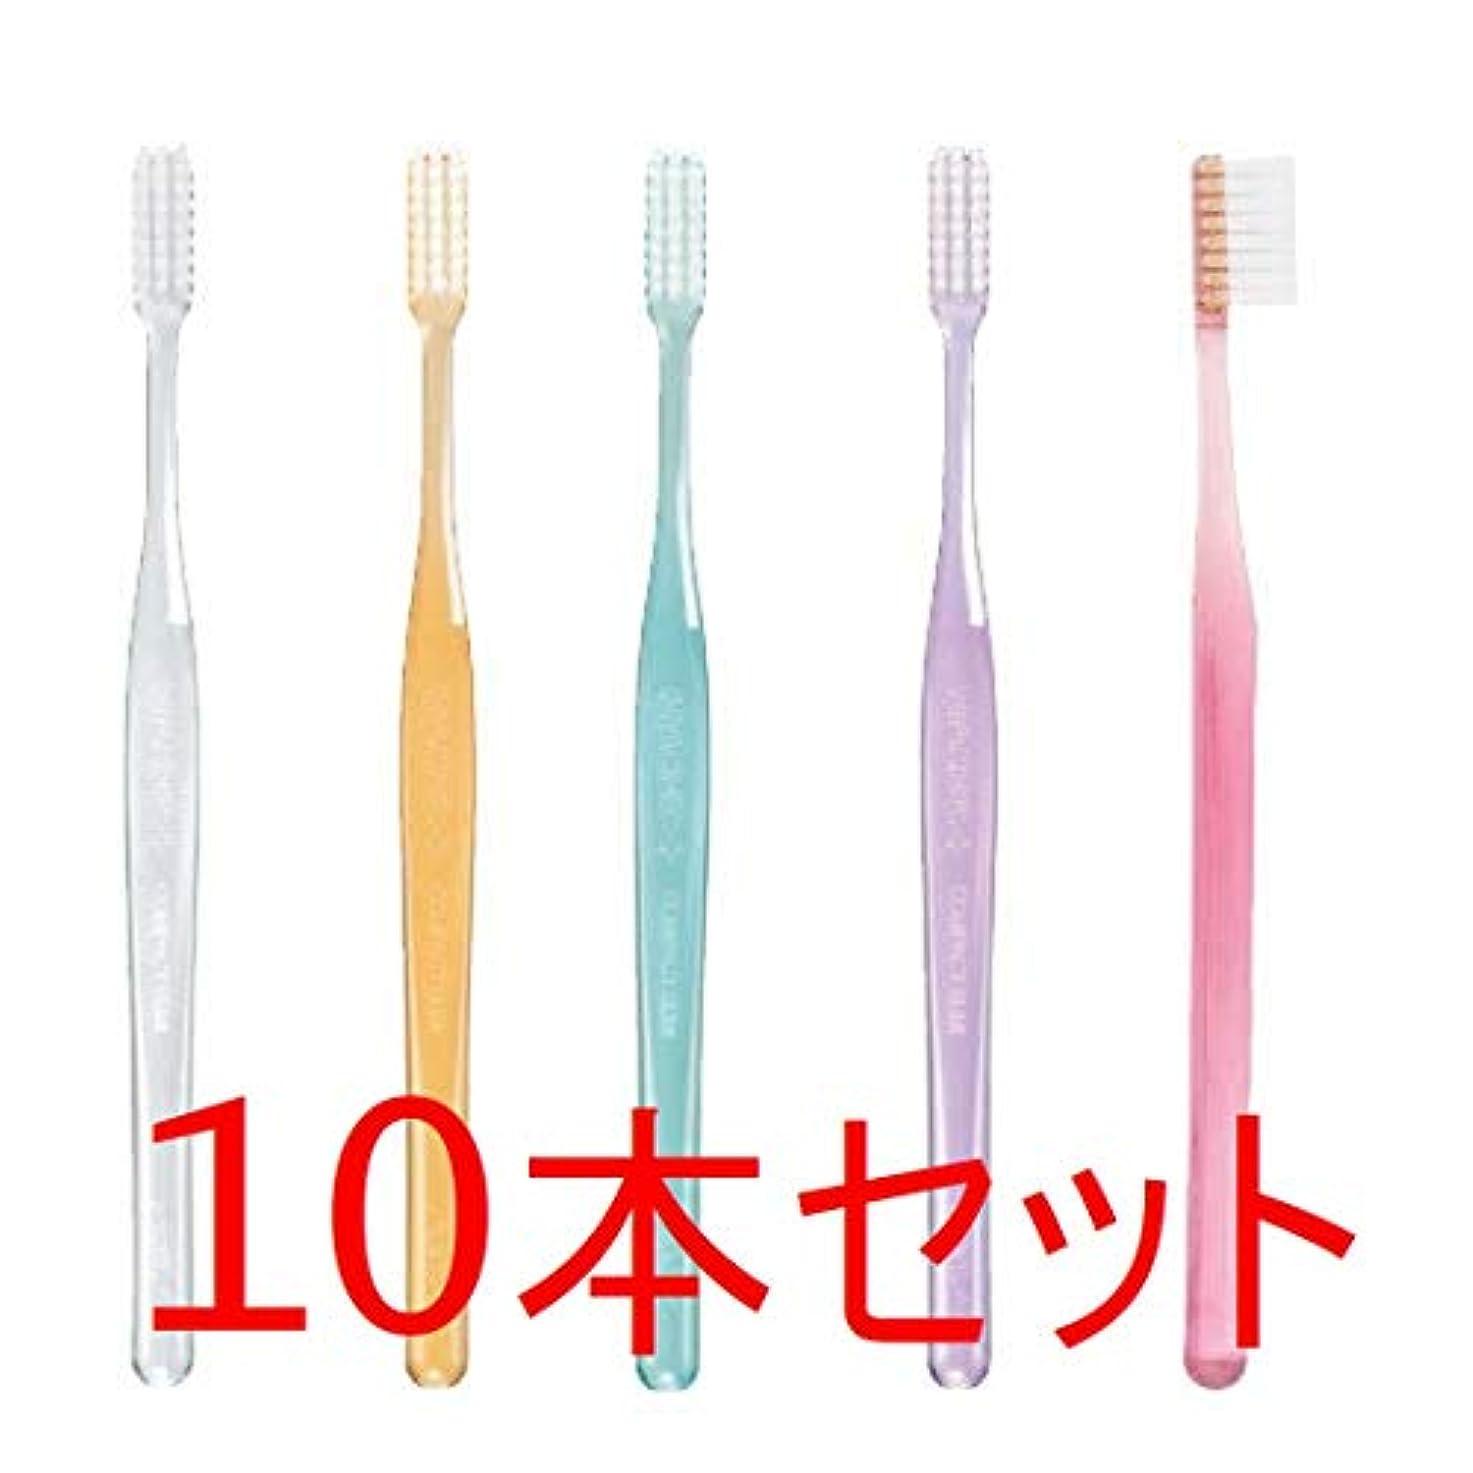 ミス発行しみGC プロスペック 歯ブラシ プラス コンパクトスリム 10本 クリアー色 (M(ふつう), おまかせ)